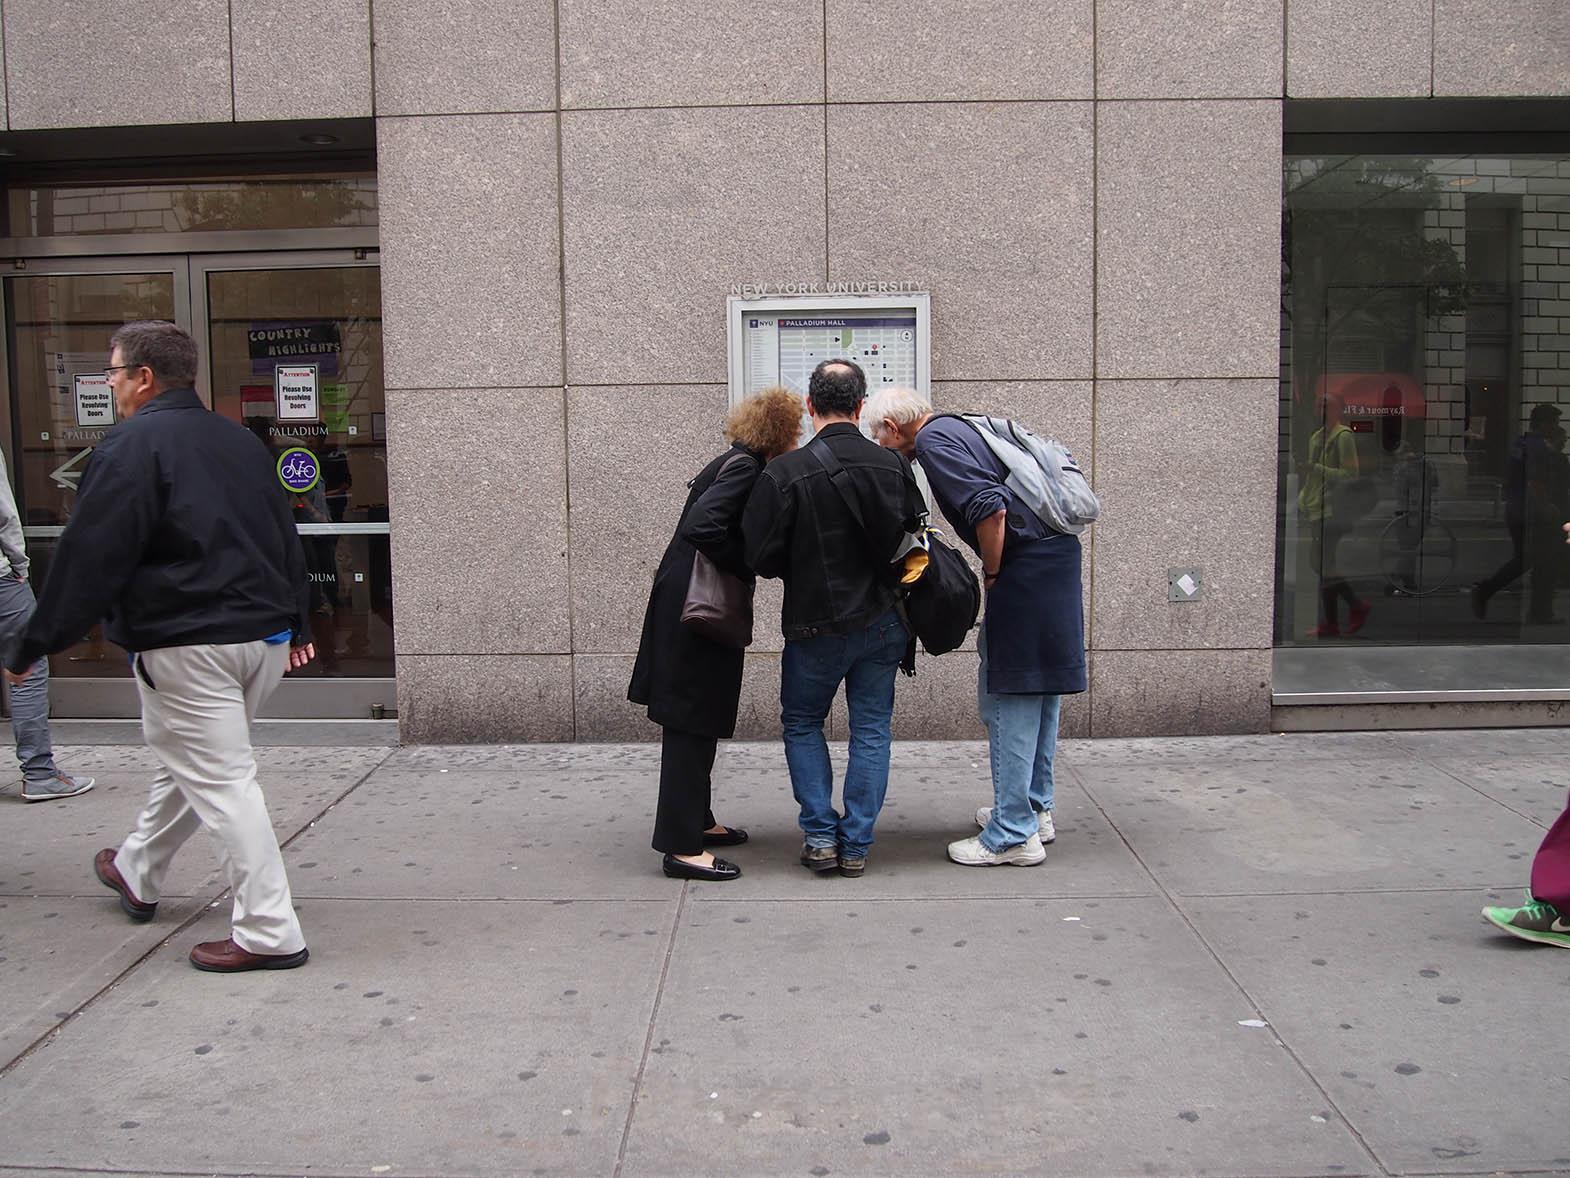 Outside 140 E 14th St